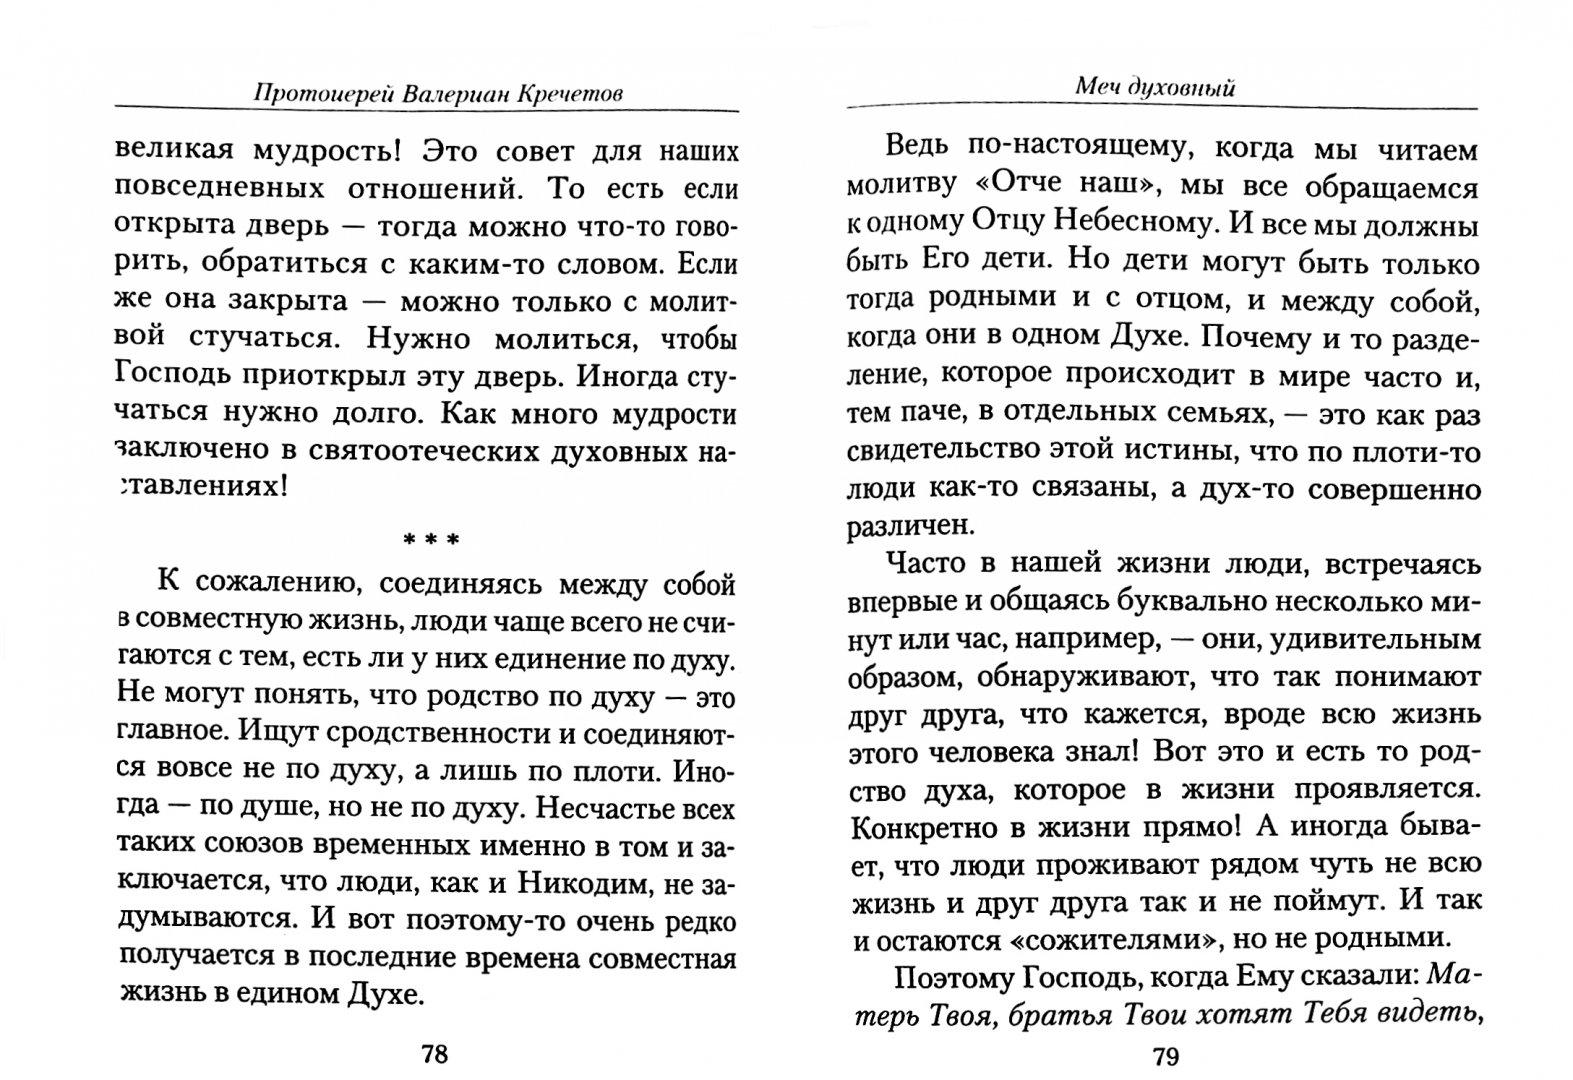 Иллюстрация 1 из 8 для Меч духовный. Избранные изречения протоиерея Валериана Кречетова - Валериан Протоиерей | Лабиринт - книги. Источник: Лабиринт